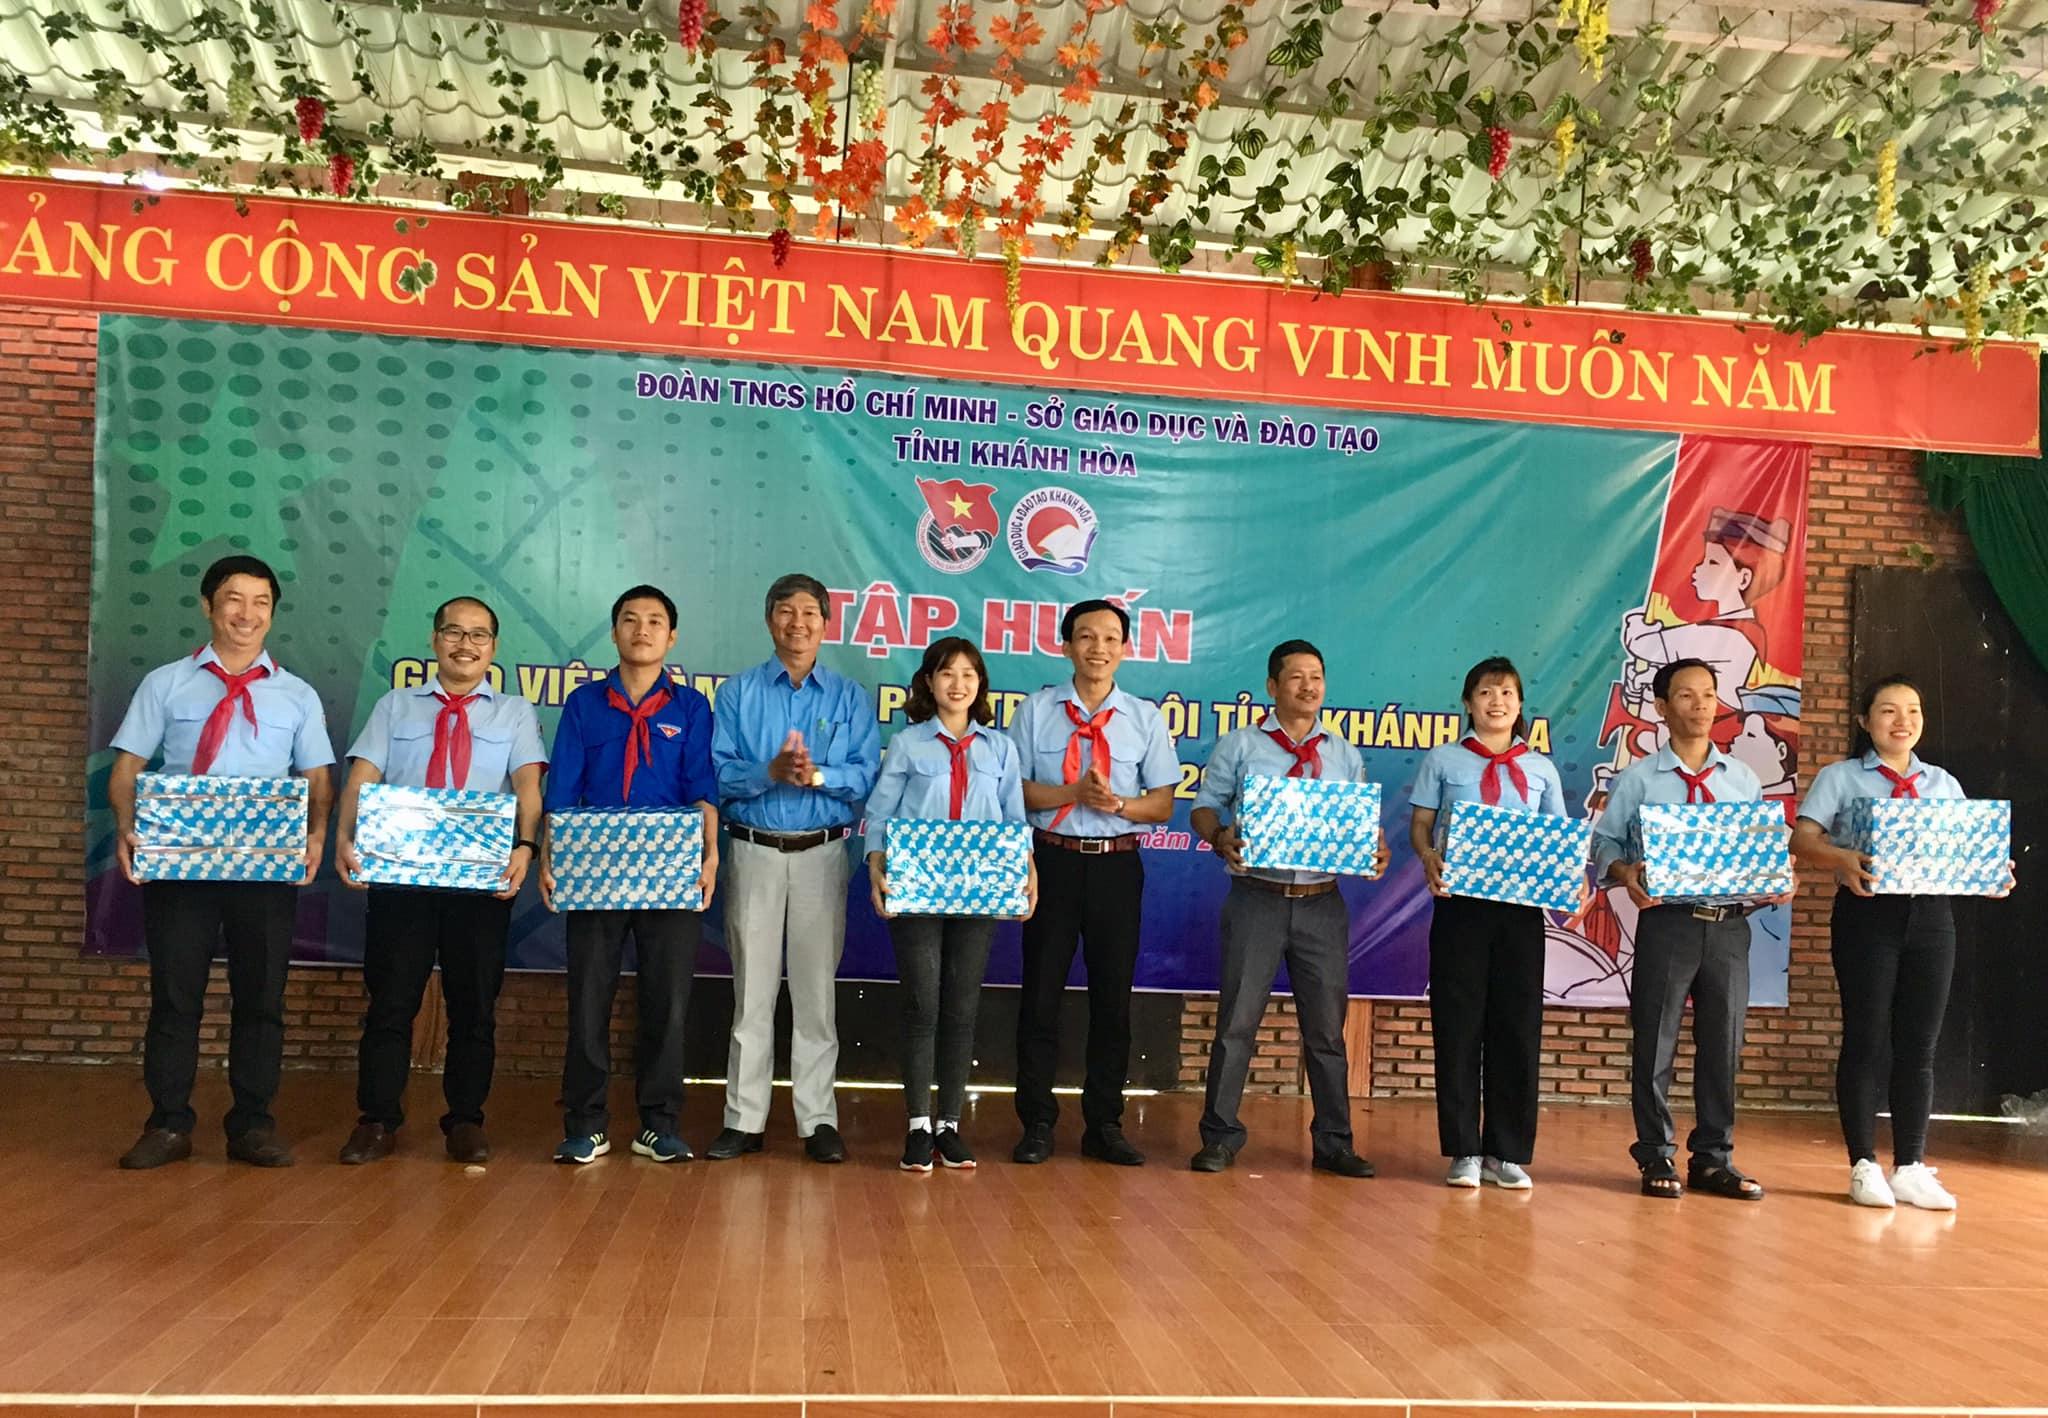 Bế mạc lớp Tập huấn Giáo viên làm Tổng phụ trách Đội tỉnh Khánh Hoà năm học 2019-2020 6